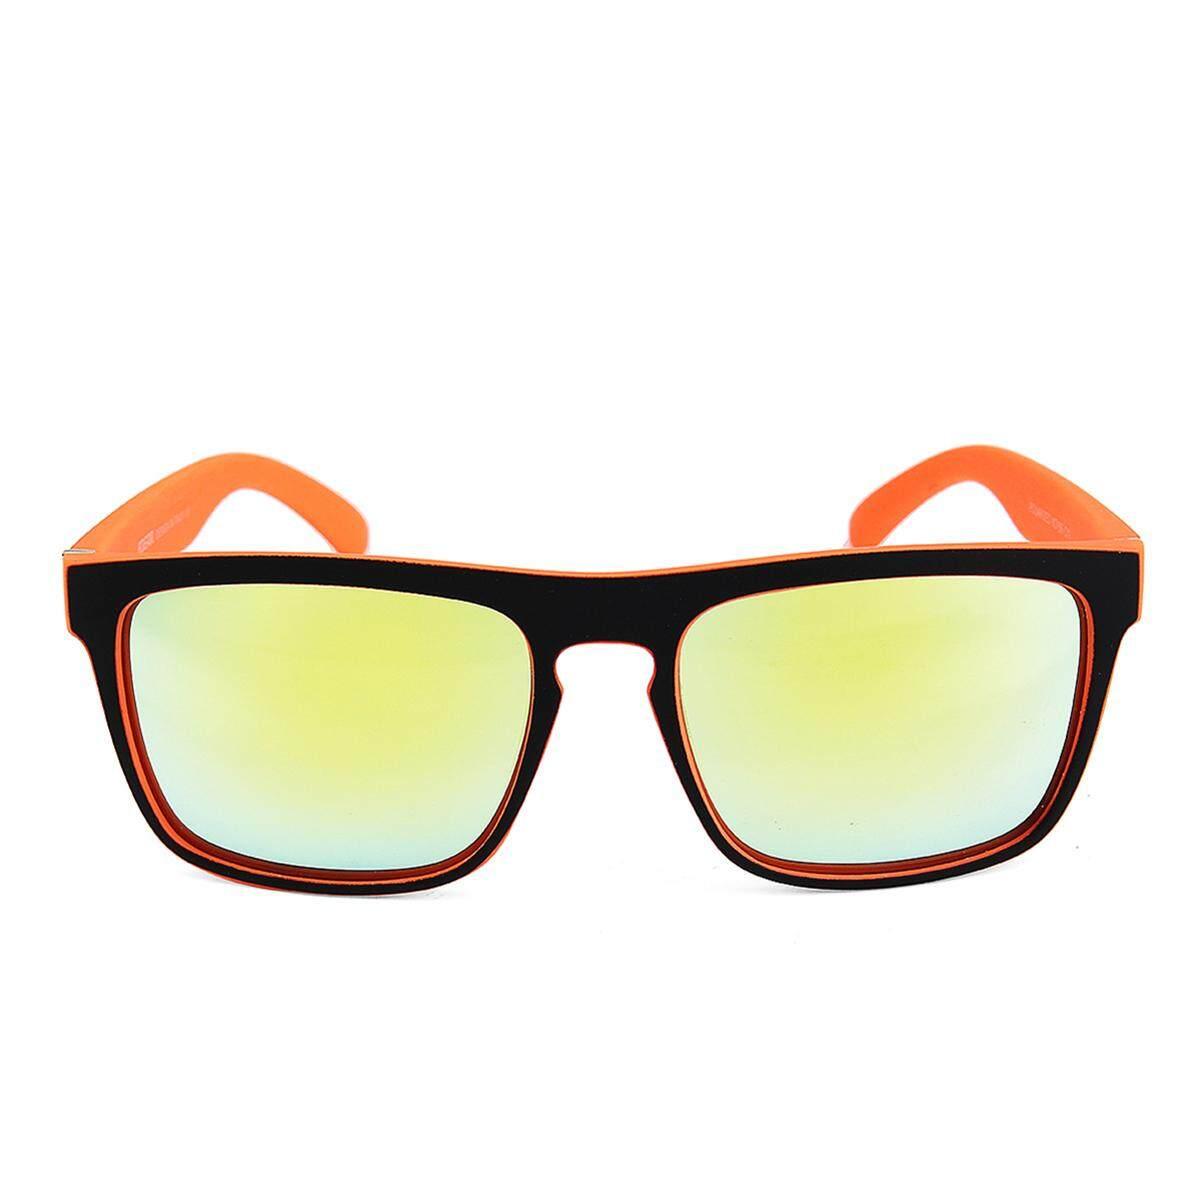 2 X Kdeam Kacamata Terpolarisasi Kacamata Hitam Retro Persegi Luar Ruangan Olahraga Bersepeda Helm Matahari Kacamata C11-Internasional